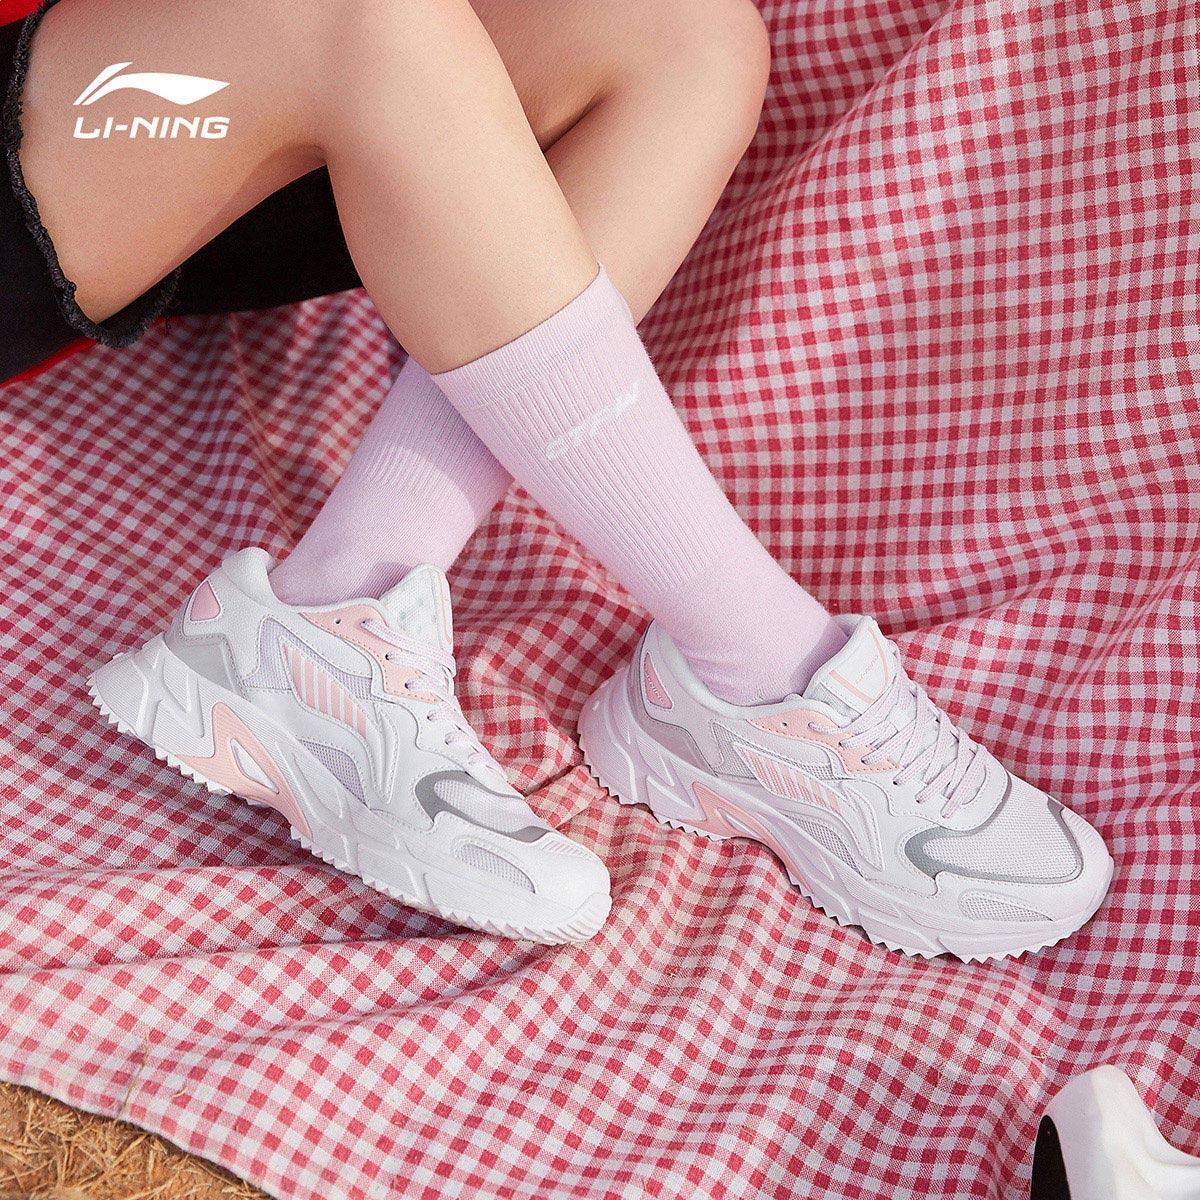 李宁跑步鞋官方春季新品休闲鞋女鞋评价如何